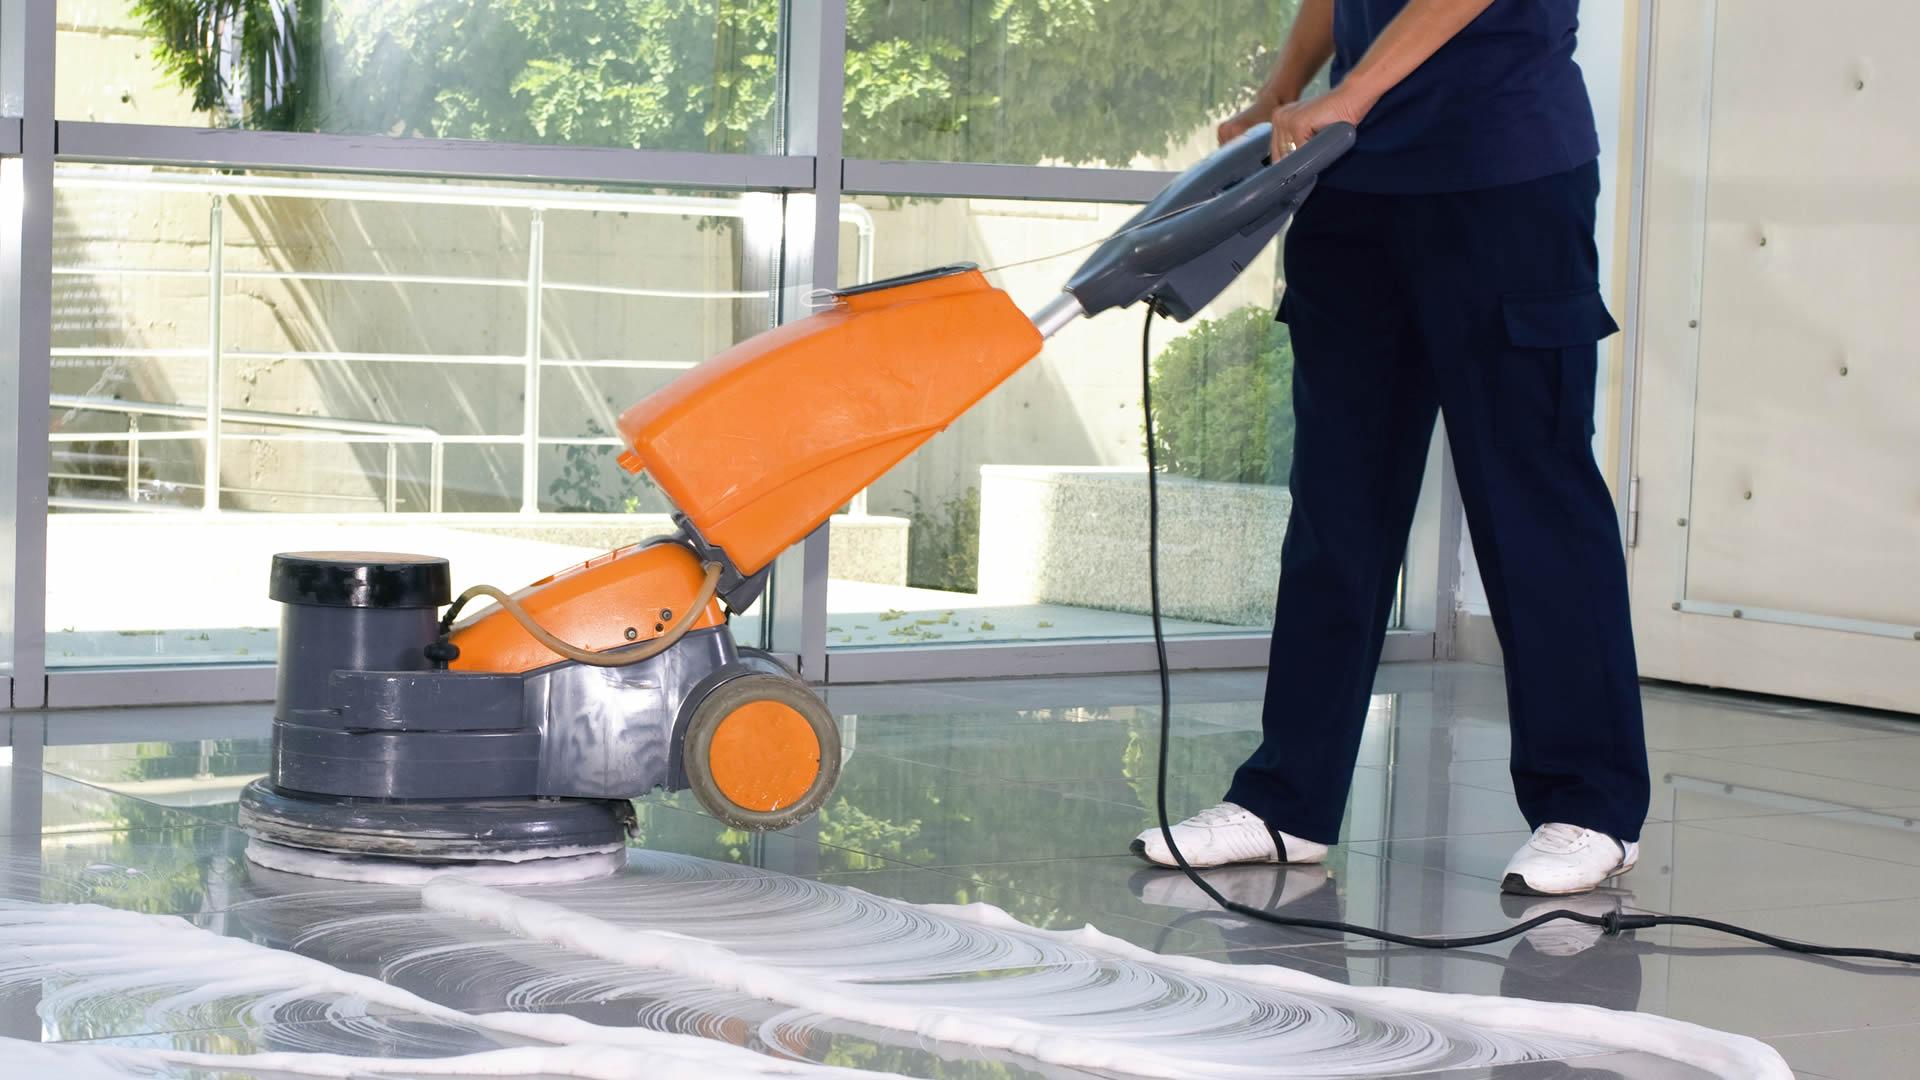 limpieza de pisos lima peru